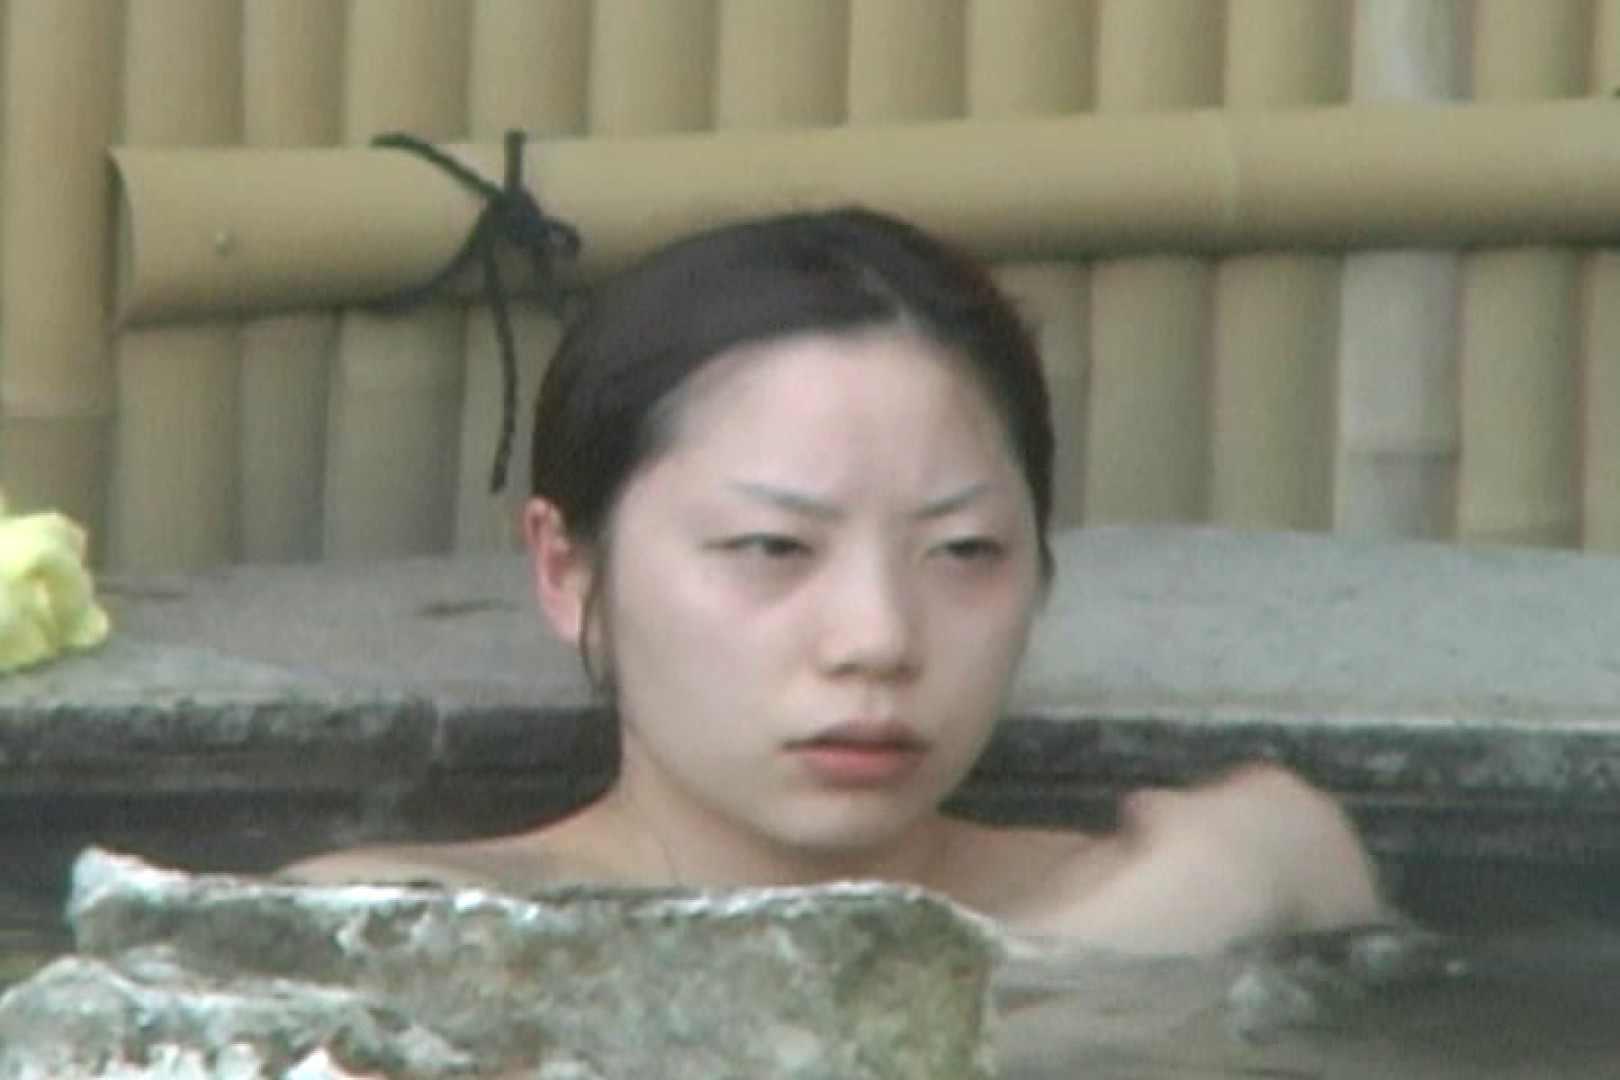 Aquaな露天風呂Vol.596 盗撮シリーズ  113PIX 110